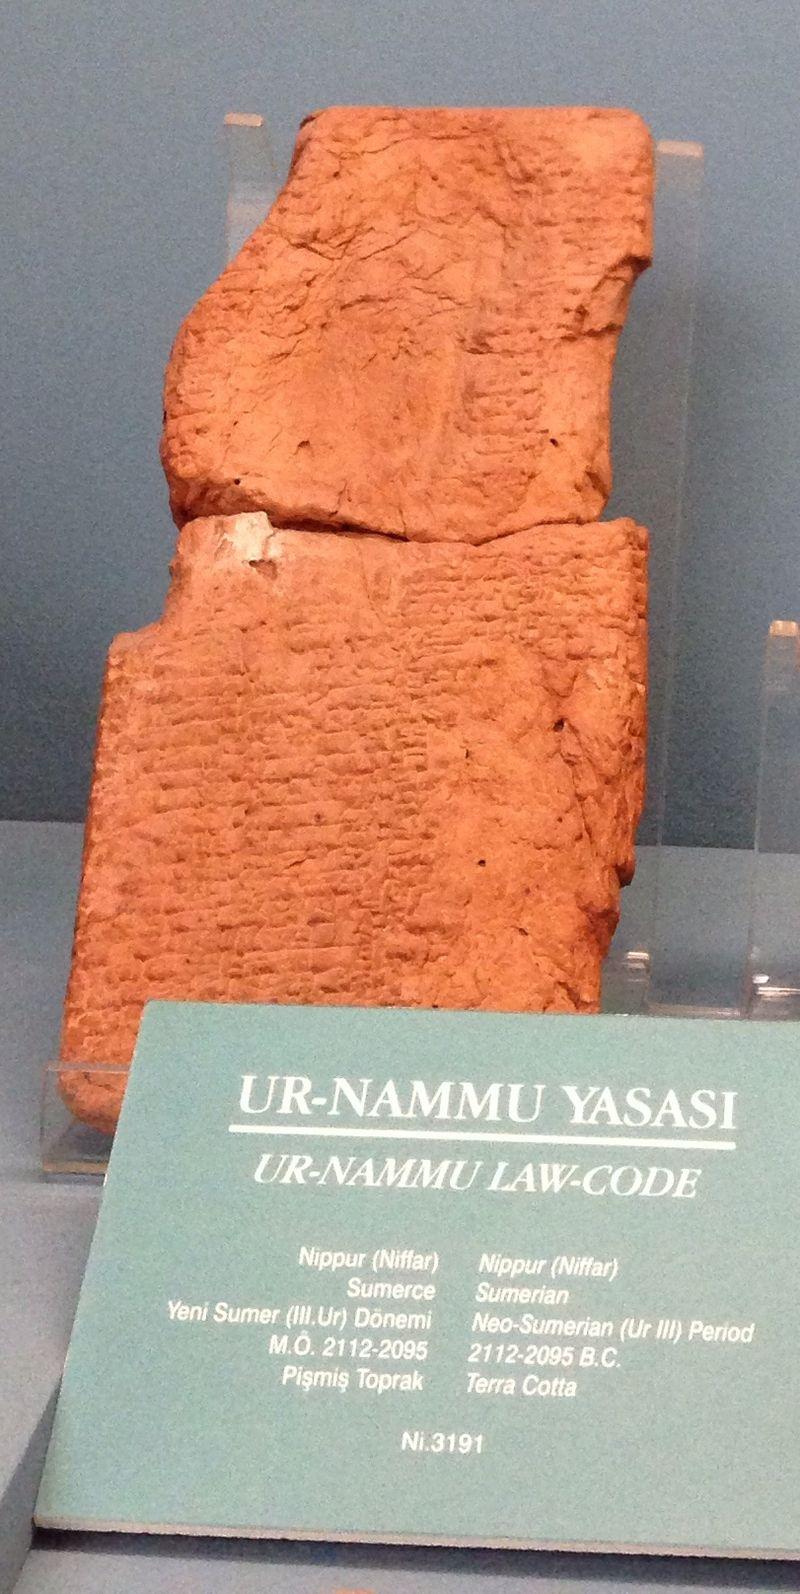 Code of Ur Nammu